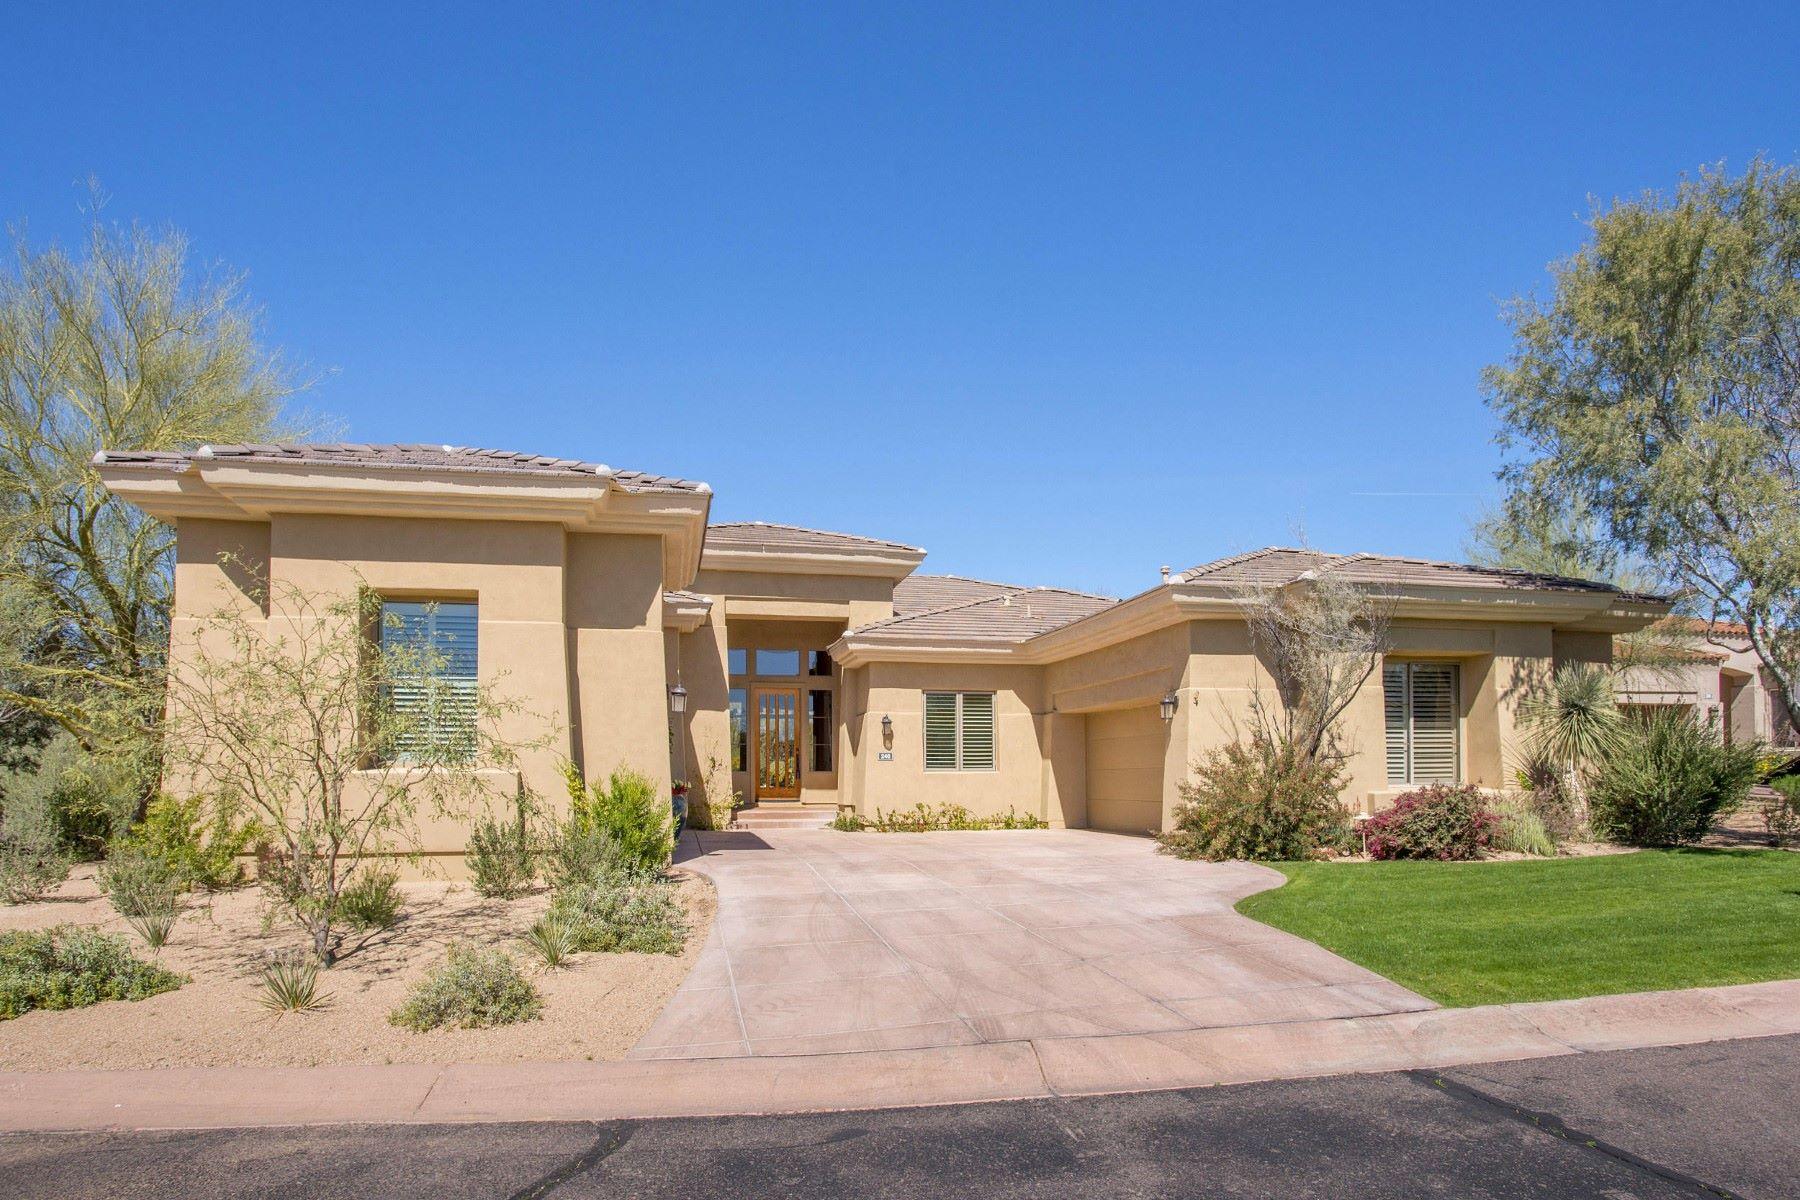 Einfamilienhaus für Verkauf beim Stunning remodel in the heart of DC Ranch 9290 E Thompson Peak Pkwy #246 Scottsdale, Arizona, 85255 Vereinigte Staaten